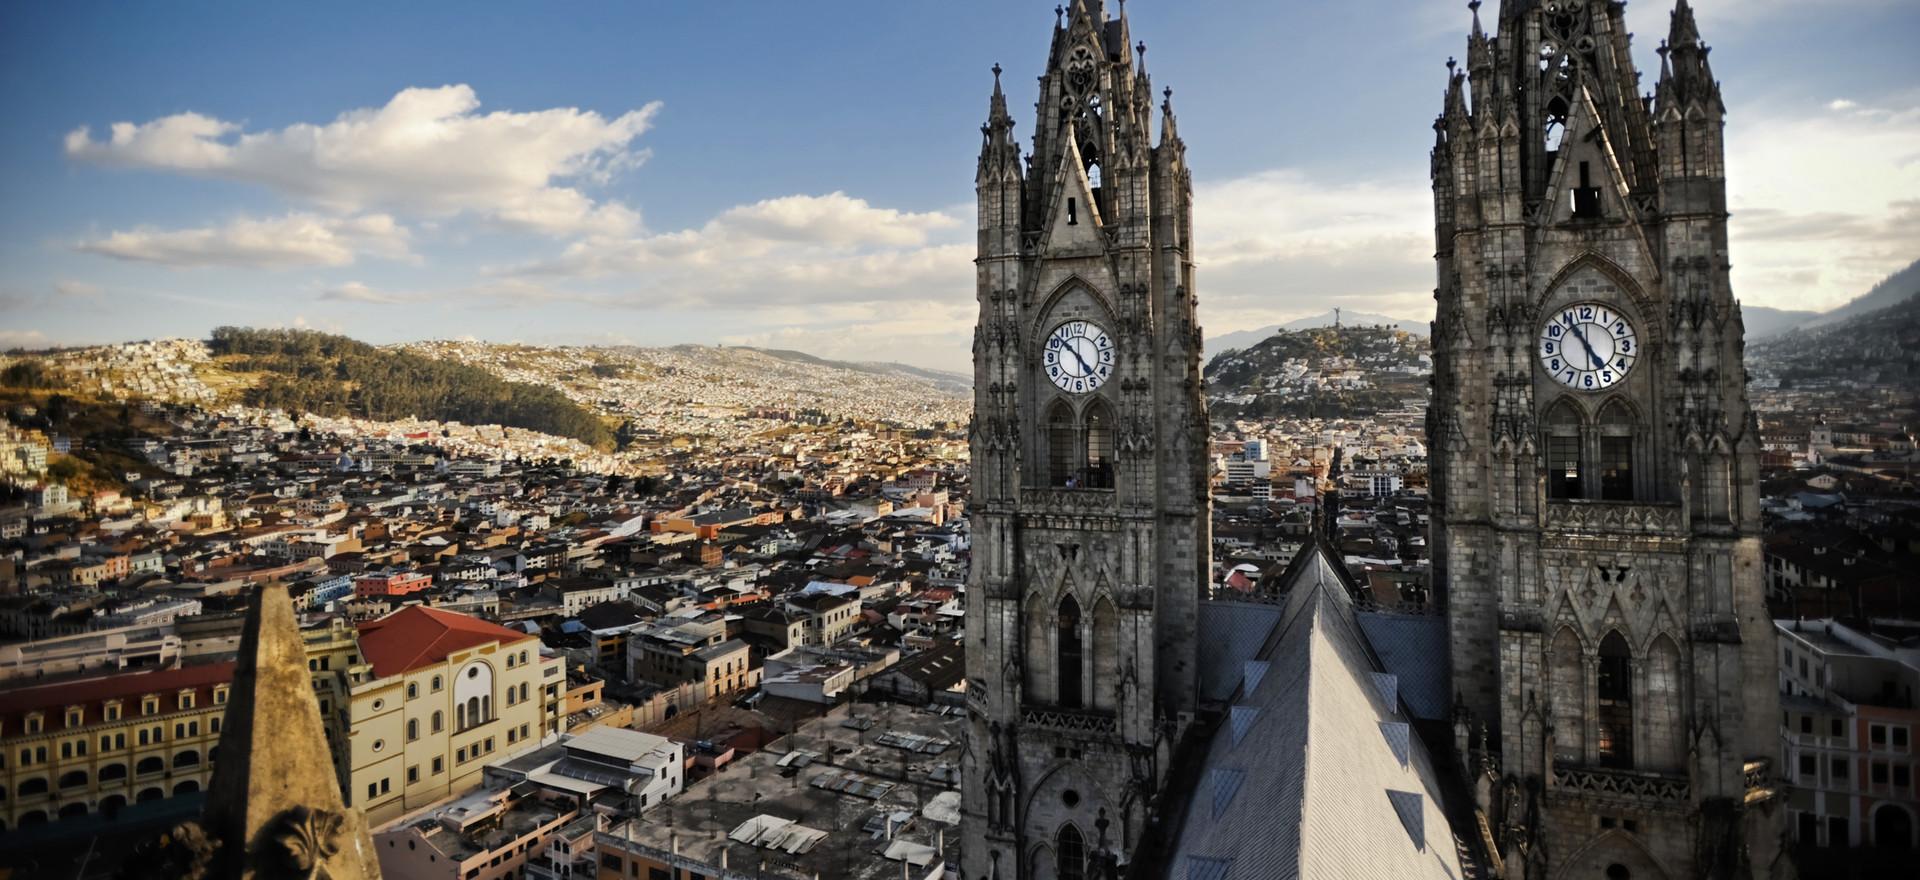 Expérience à Quito, Équateur par Pablo